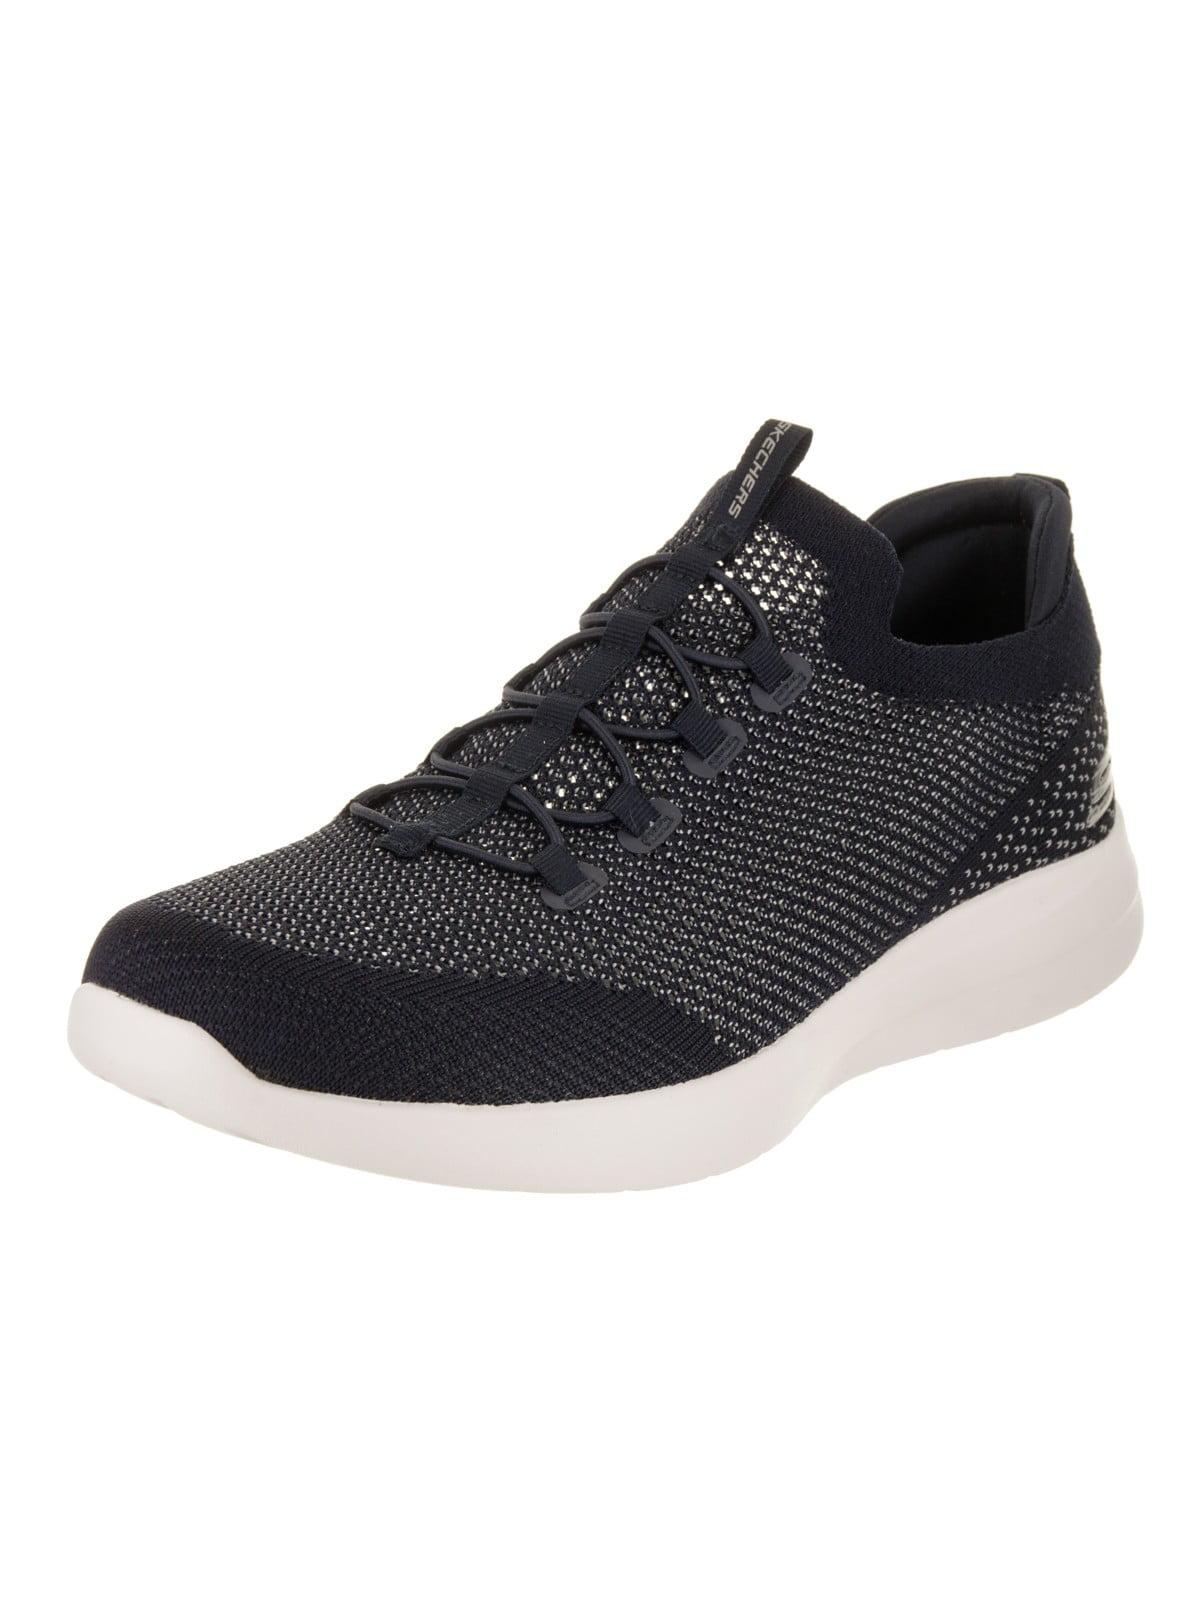 Skechers Men's Studio Comfort Slip-On Shoe